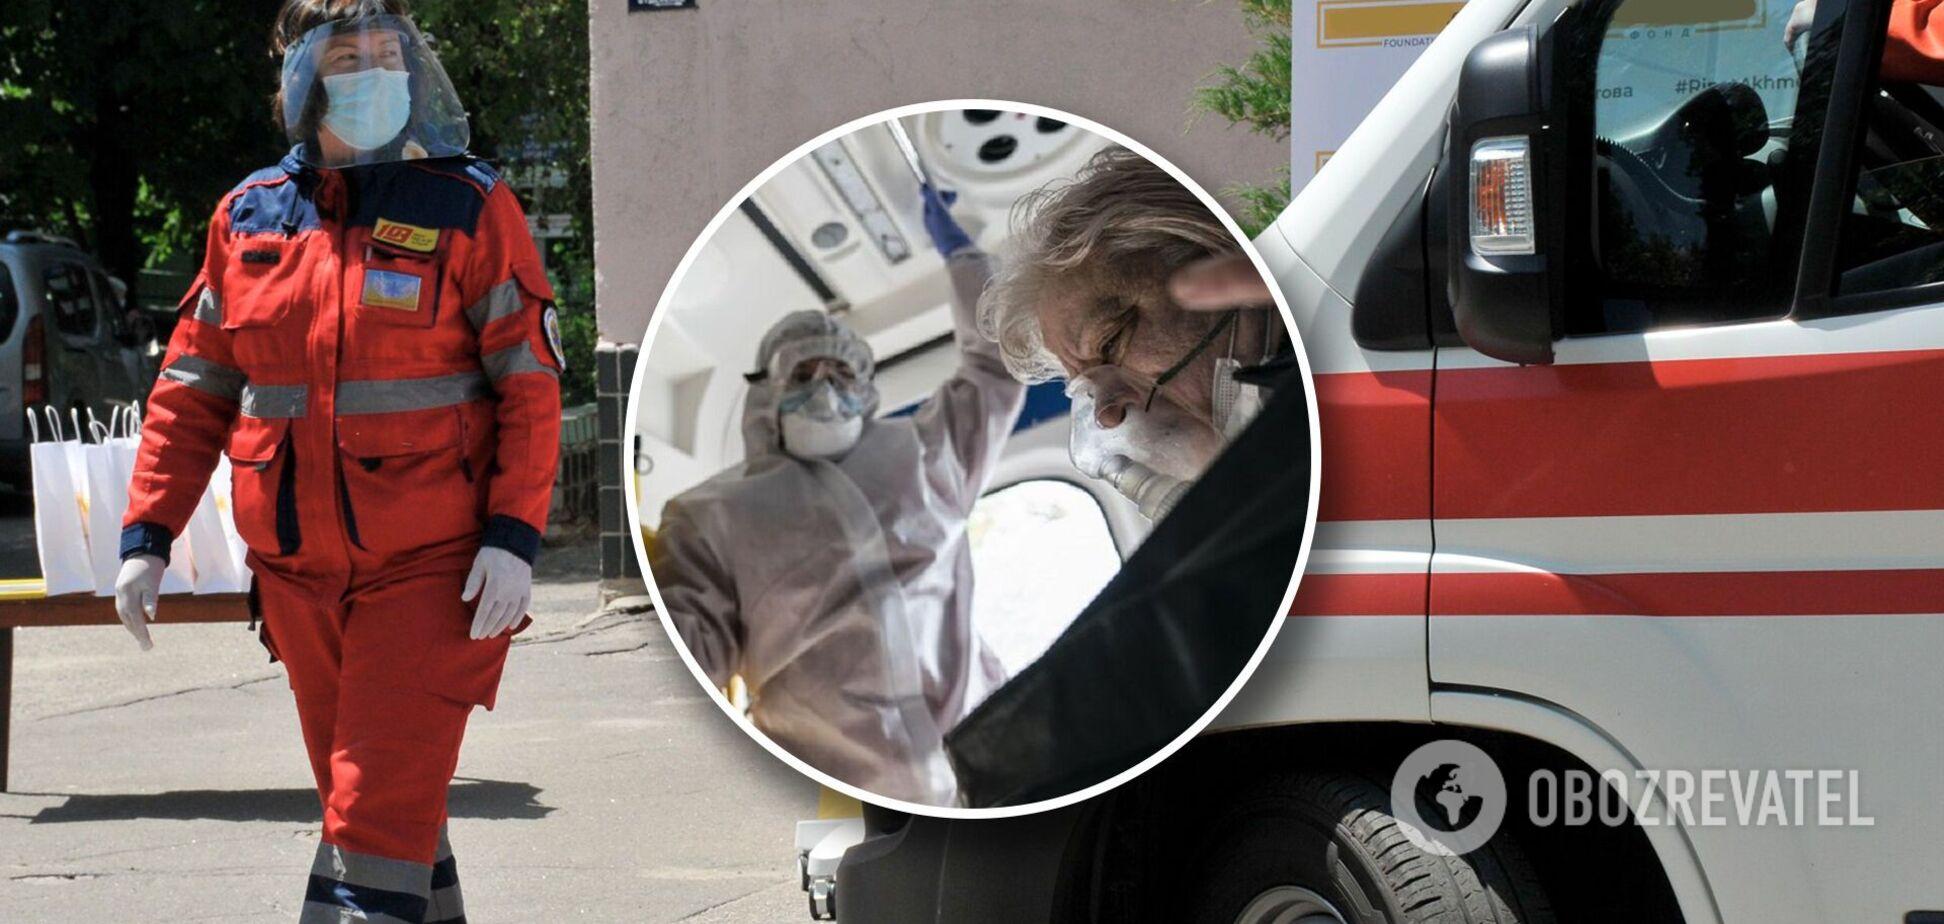 'Як можна на такі гроші вижити?' Українські медики поскаржилися на низькі зарплати, багато з них готові покинути країну